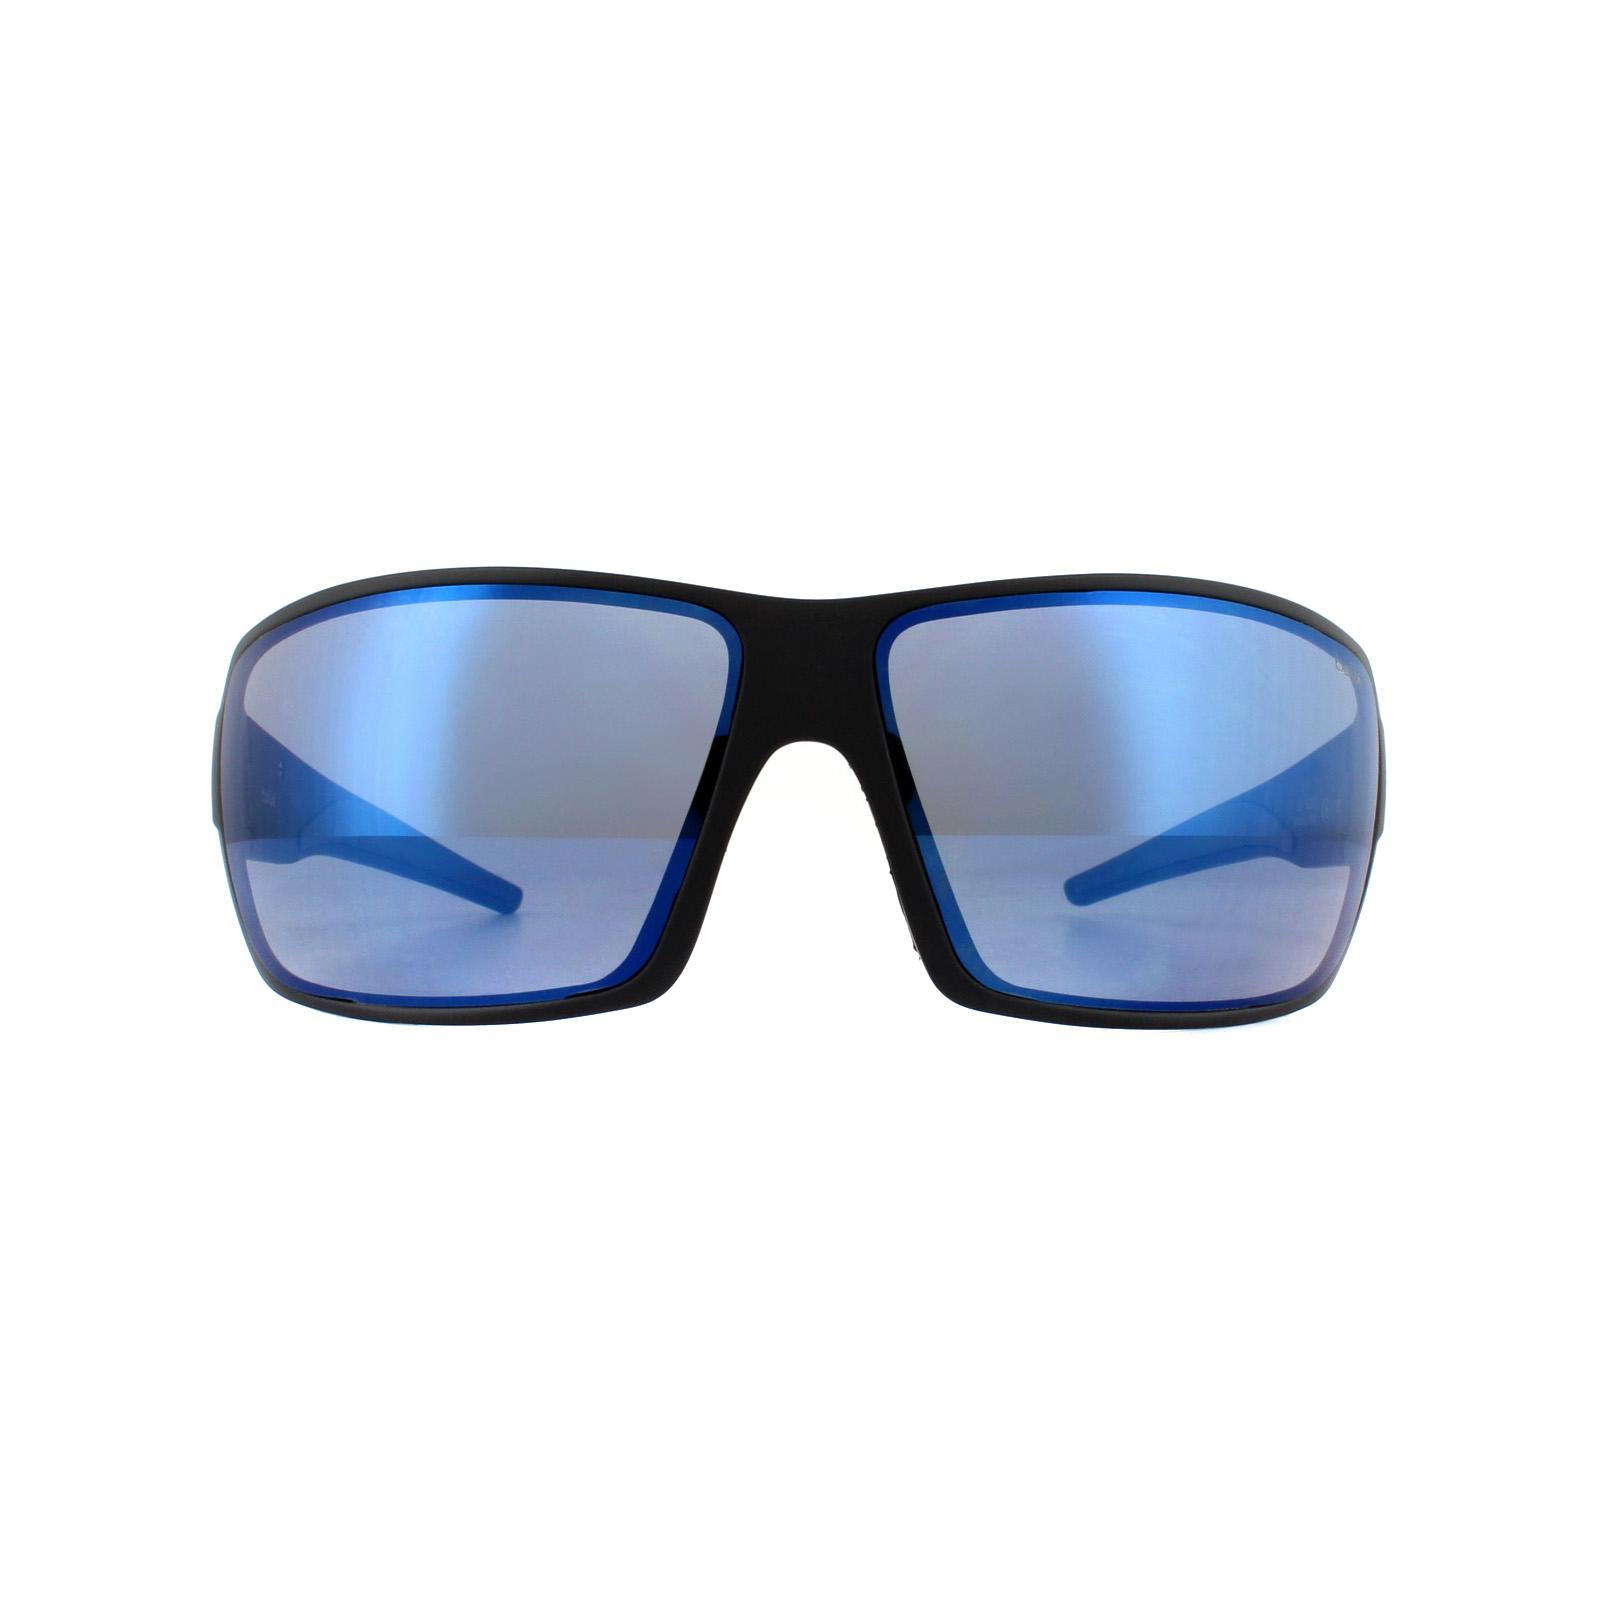 Détails sur Bolle Lunettes de Soleil Cary 12217 Noir Mat GB10 Bleu